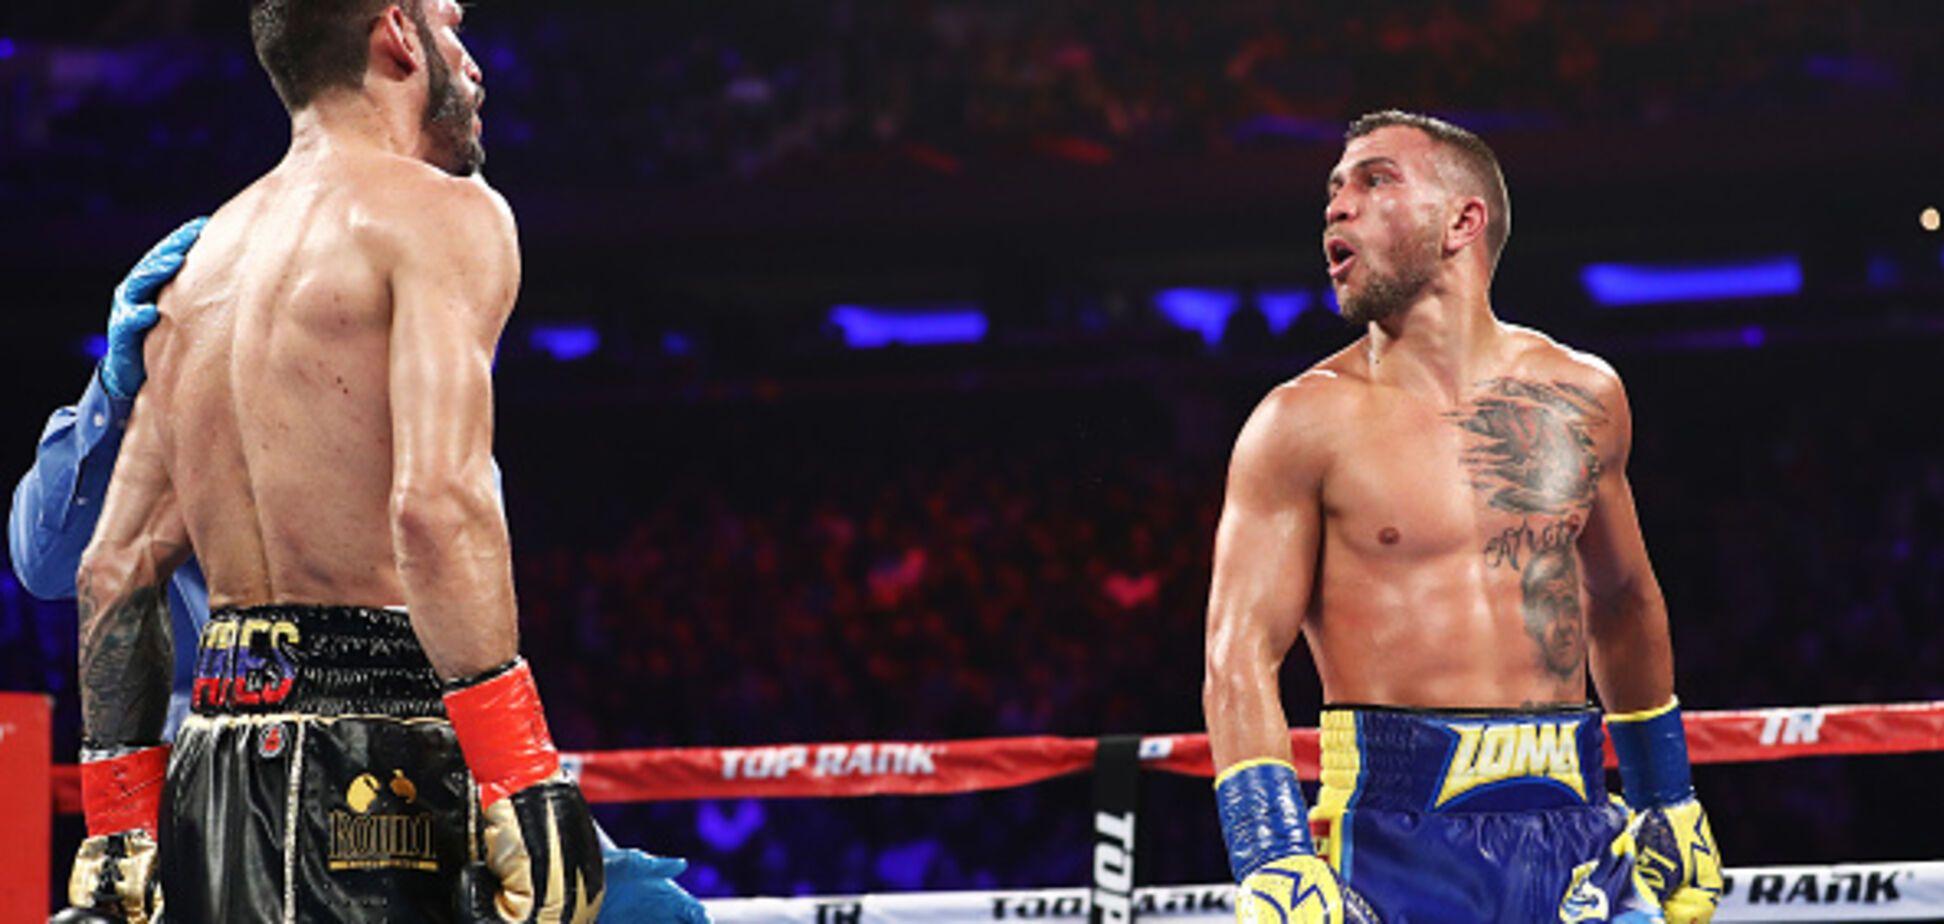 'Кращий боксер сучасності': Ломаченко викликав захват у Росії